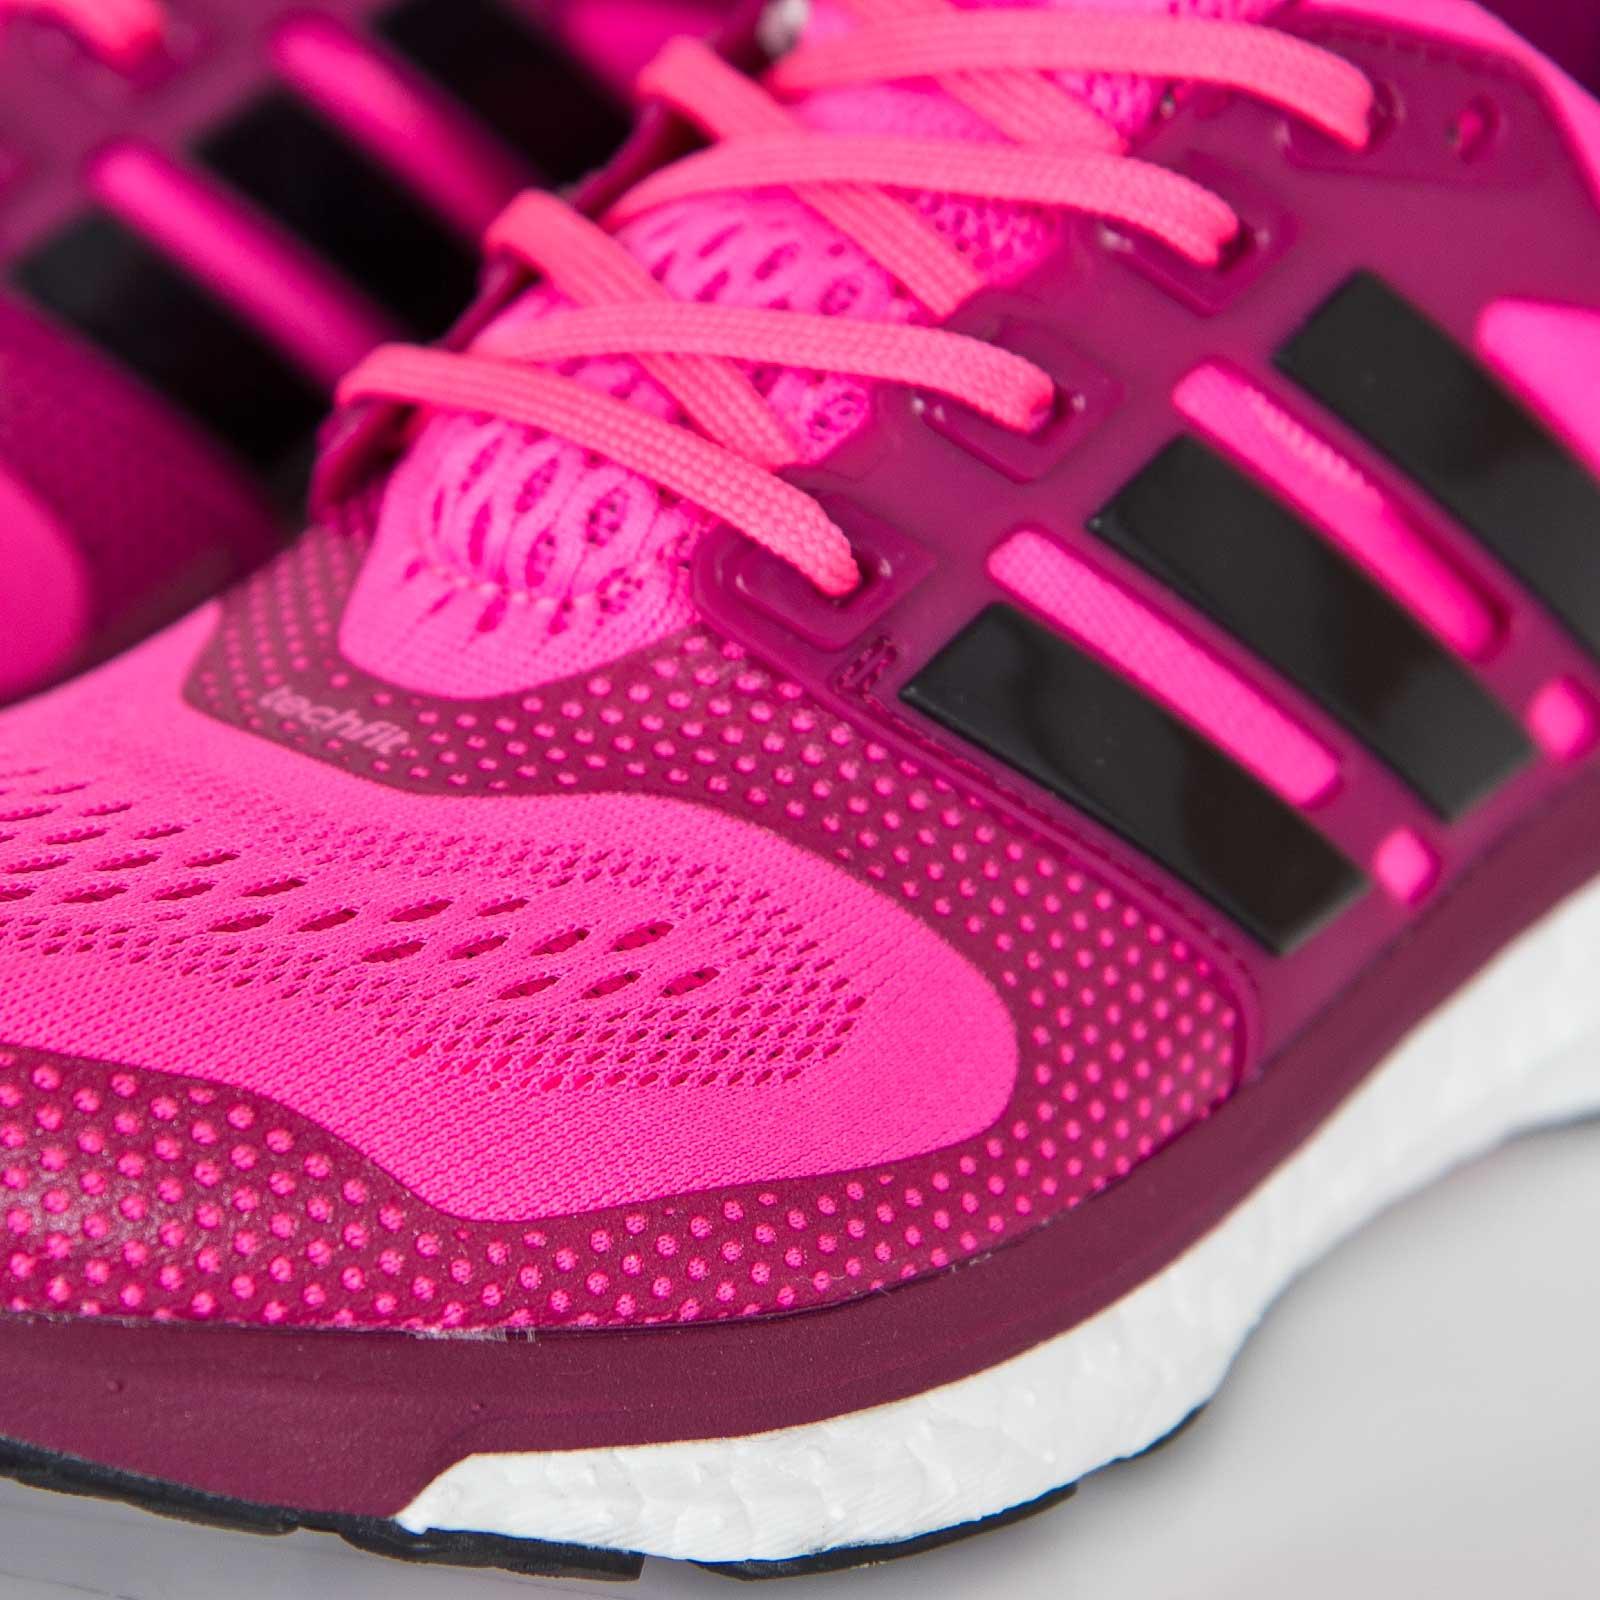 Año nuevo Práctico Aplicando  adidas Energy Boost 2 ESM W - M29746 - Sneakersnstuff | sneakers &  streetwear online since 1999